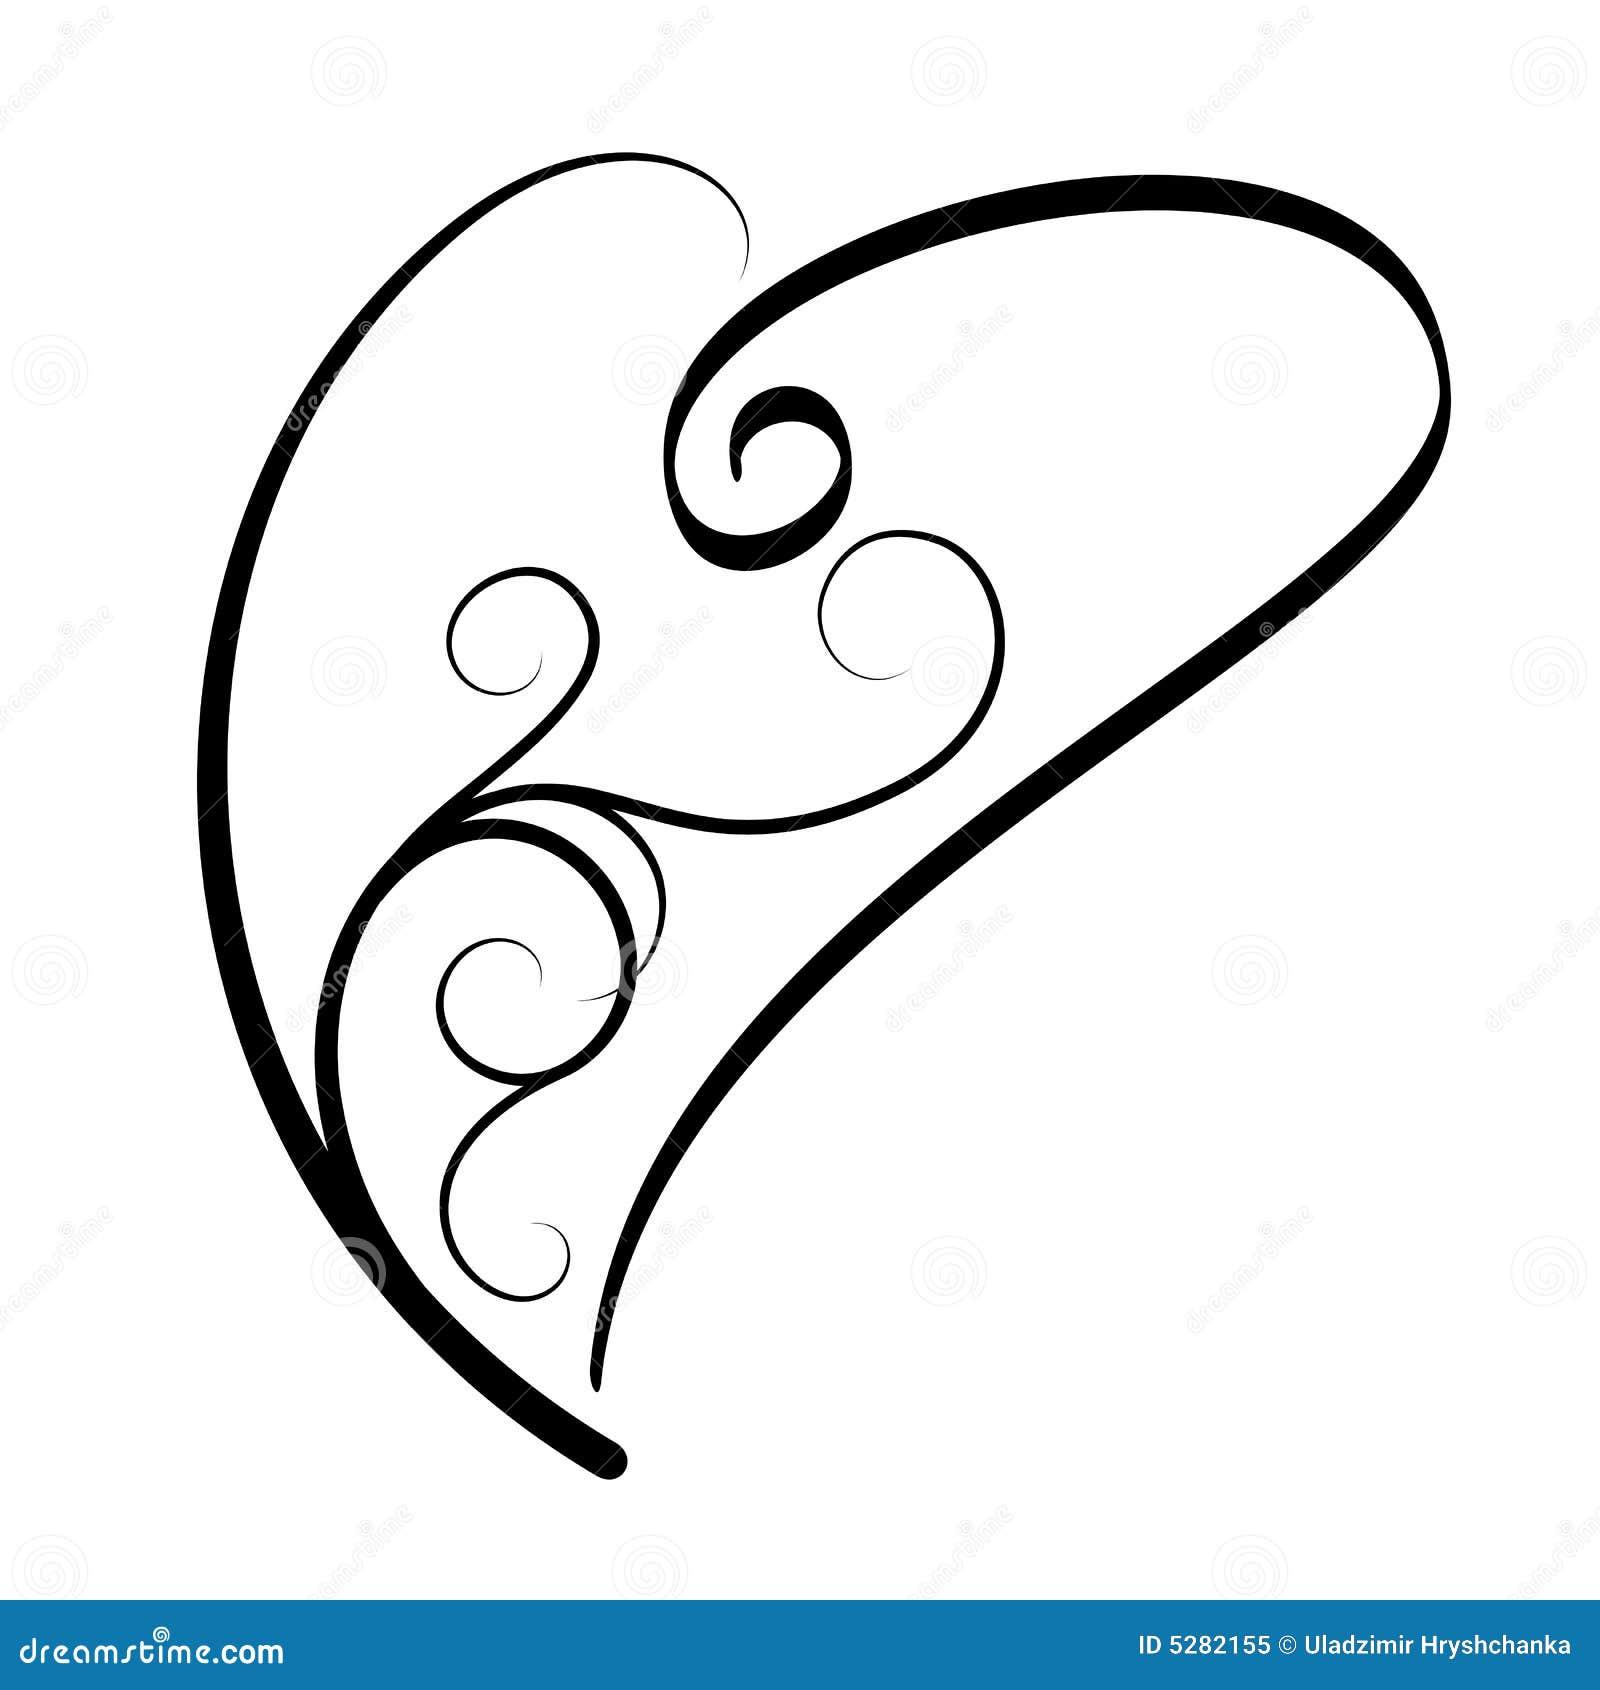 tatouage de coeur illustration de vecteur illustration du. Black Bedroom Furniture Sets. Home Design Ideas